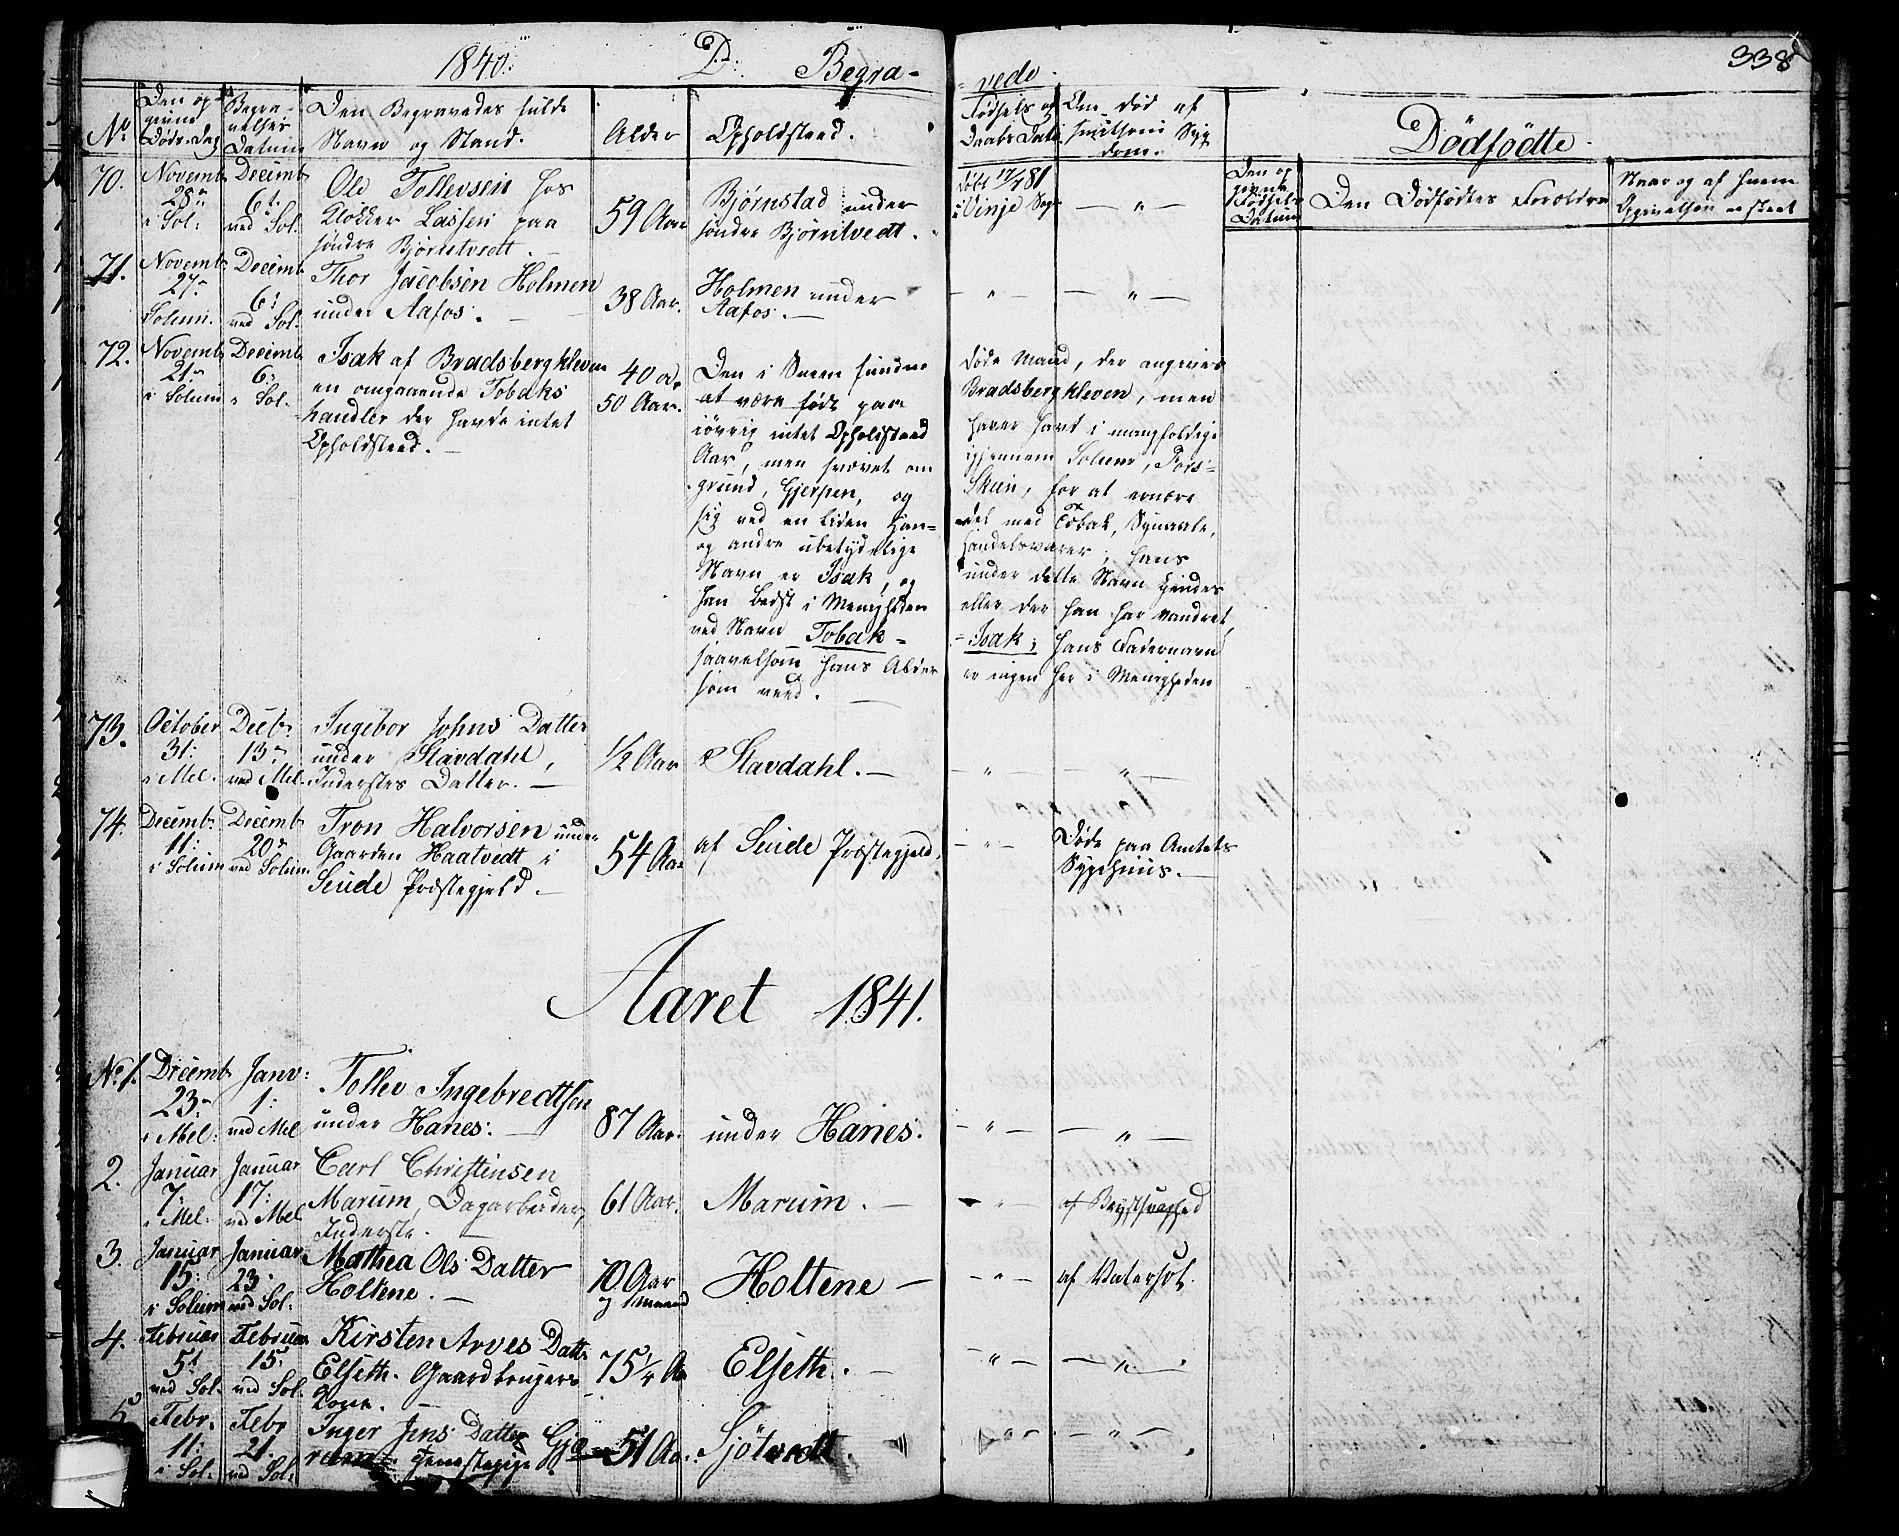 SAKO, Solum kirkebøker, G/Ga/L0002: Klokkerbok nr. I 2, 1834-1848, s. 338